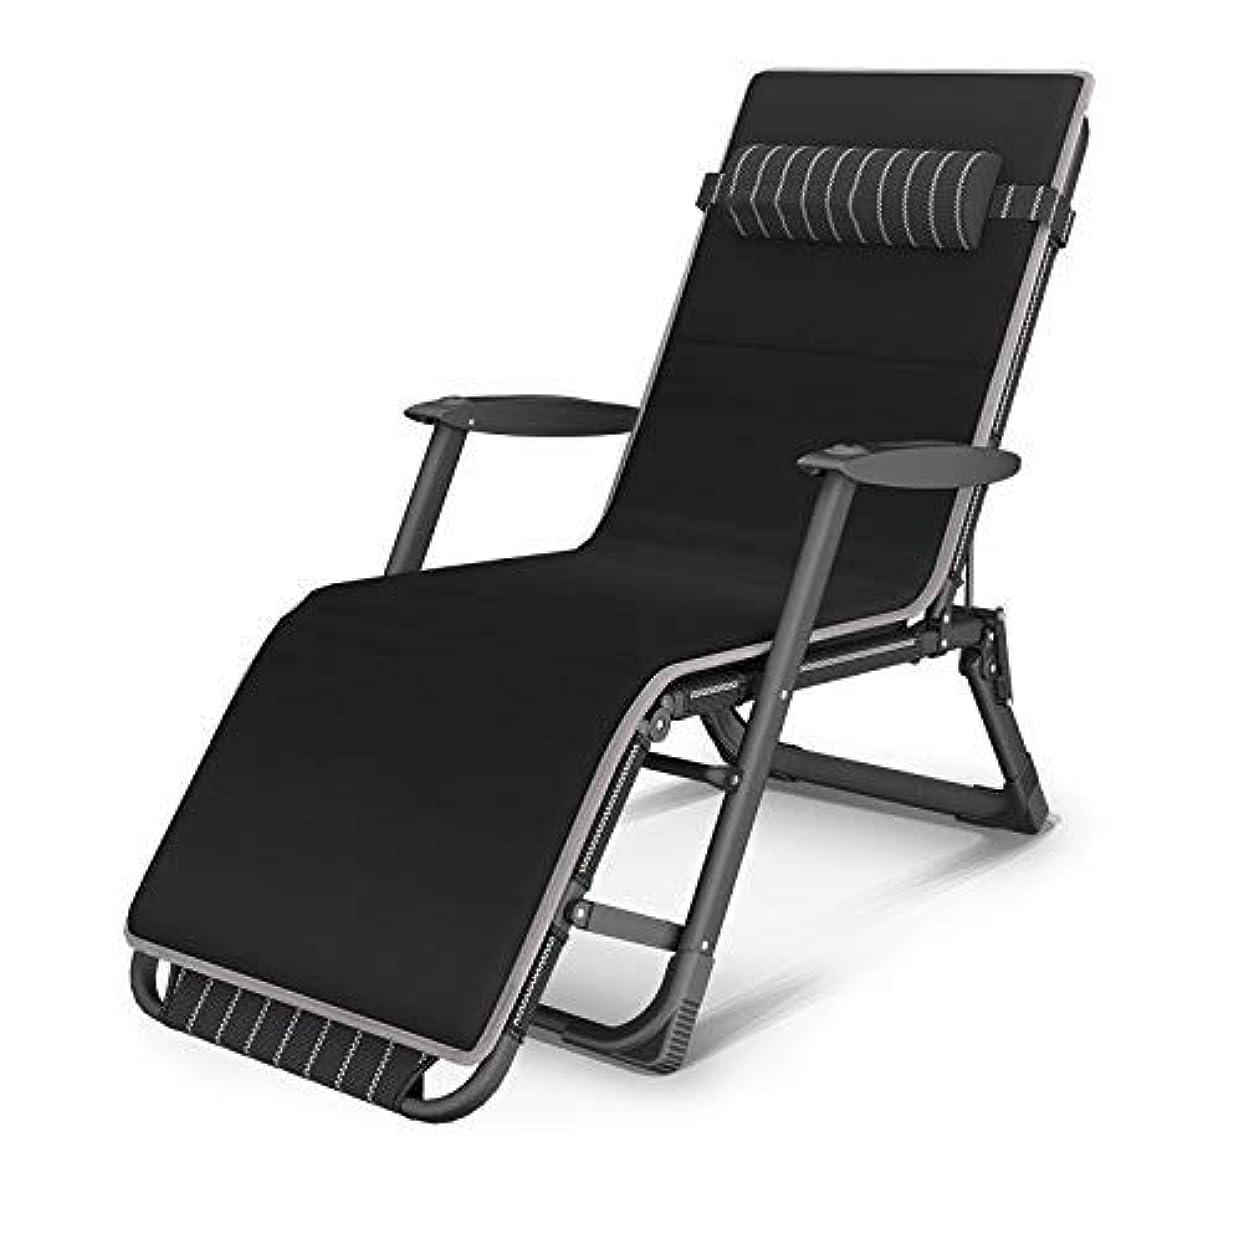 共和党代理店水族館サンラウンジャー サンラウンジャーゼロ重力調整可能なパティオ長椅子チェア折りたたみデッキチェアリクライニングガーデンチェア付きネックピローサポート200キログラム 無重力チェア (Color : B)